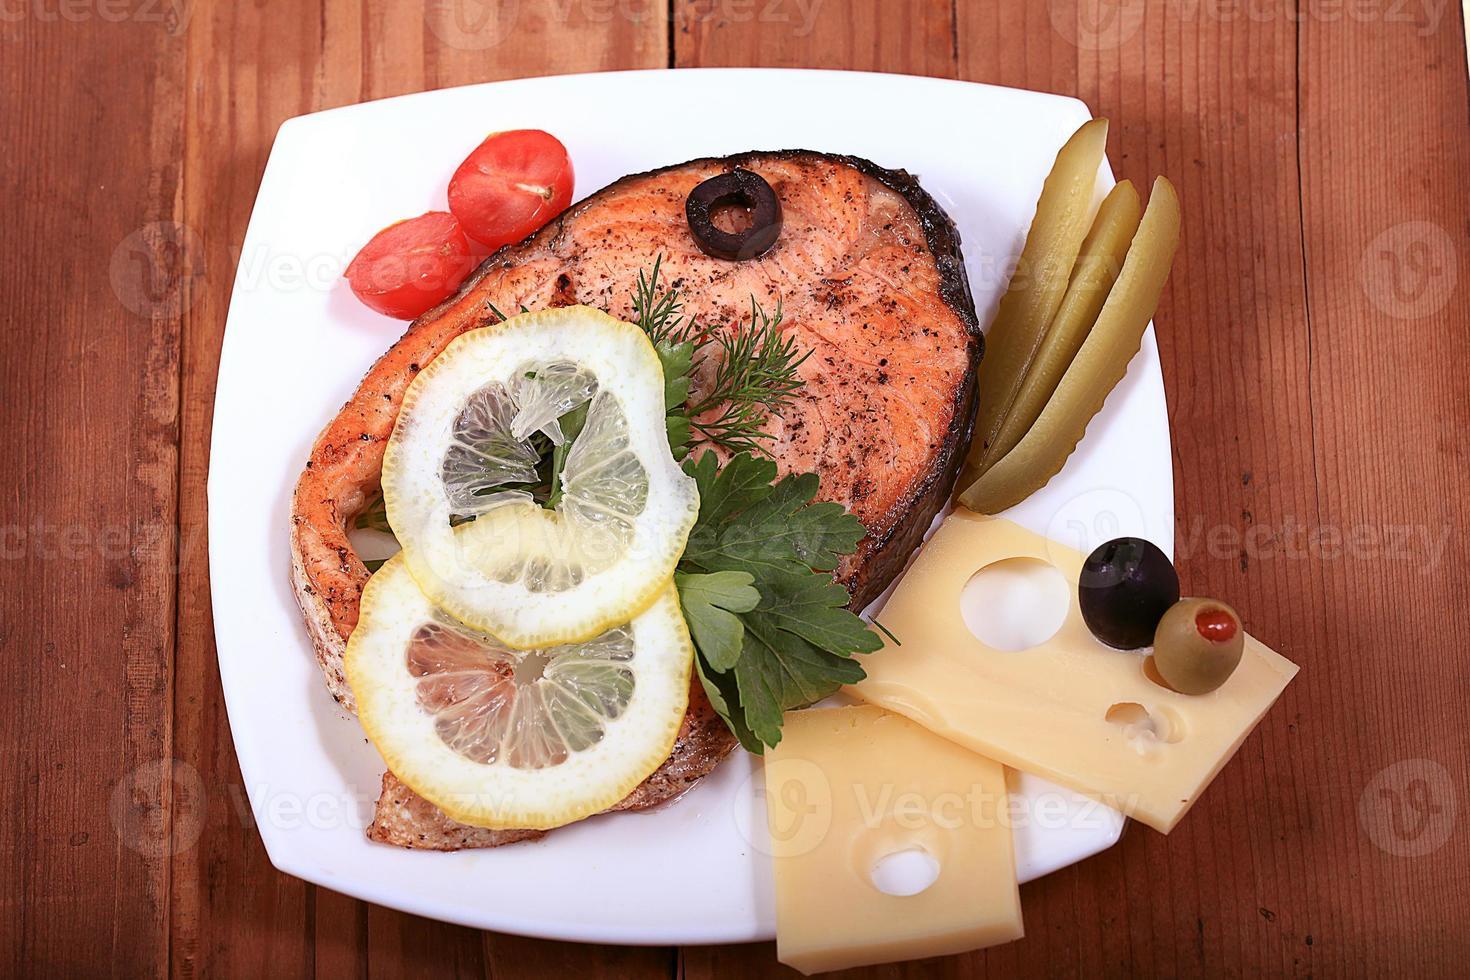 fond en bois de saumon grillé photo